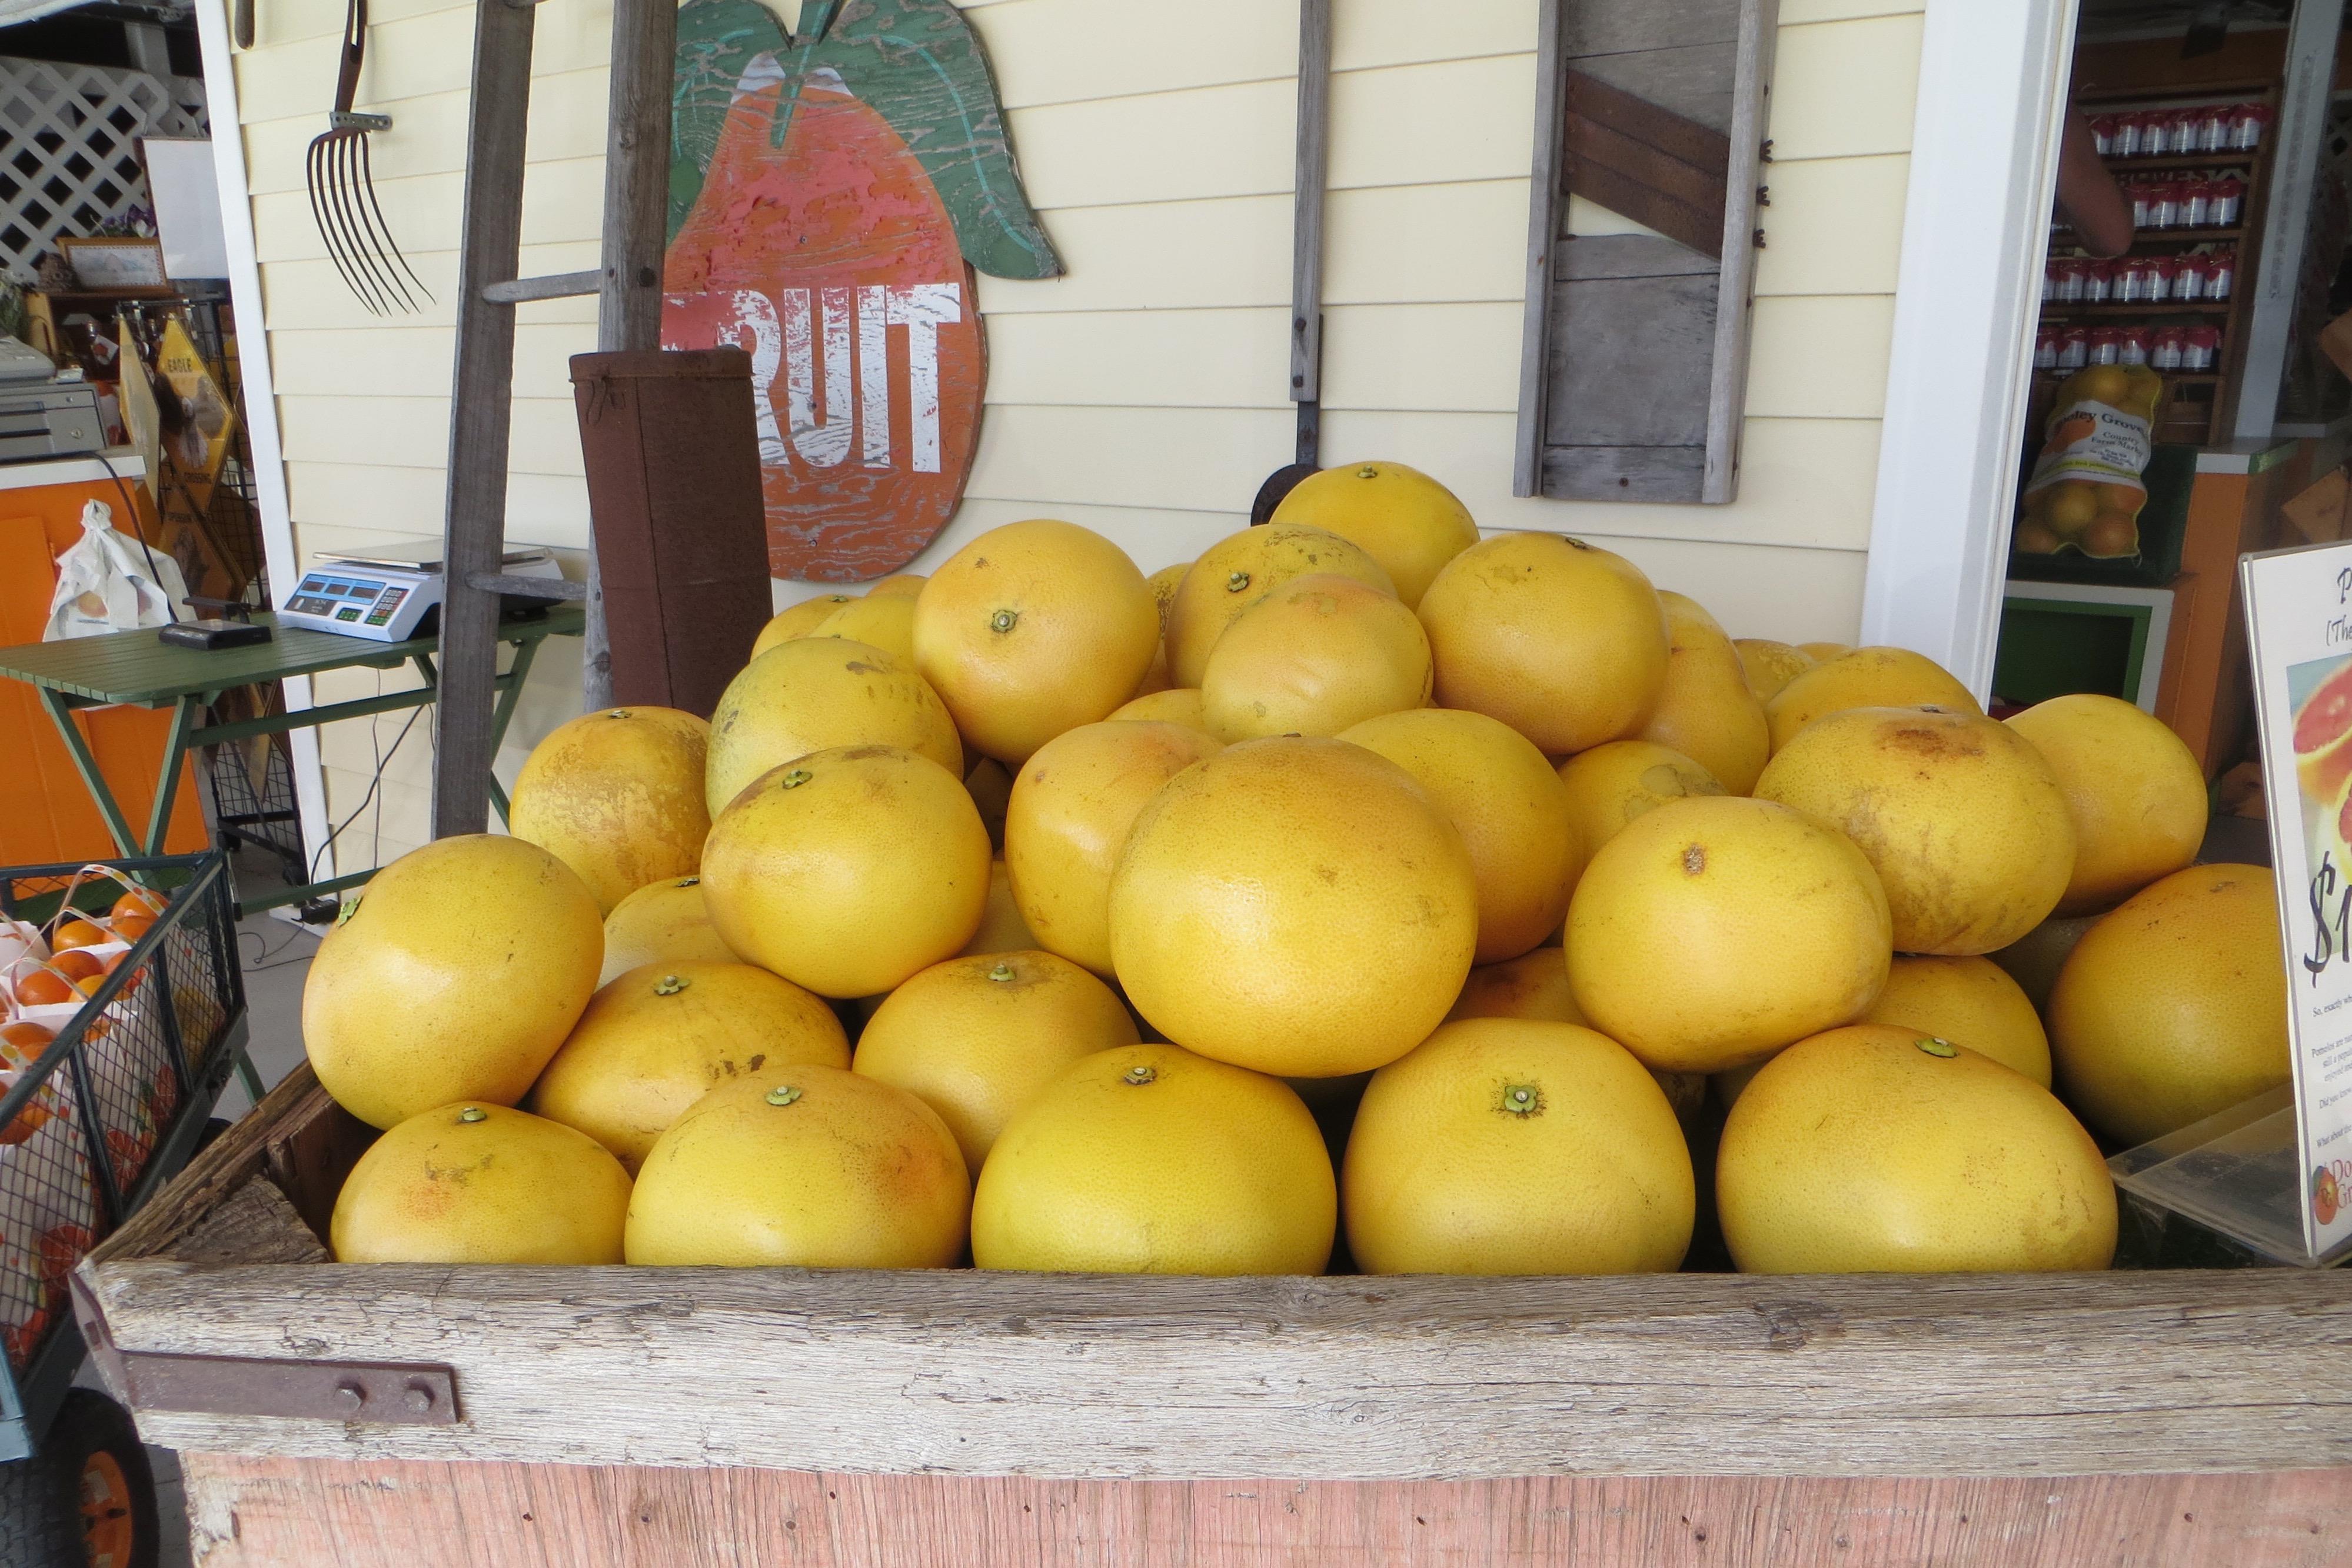 Florida grapefruit displayed at a market